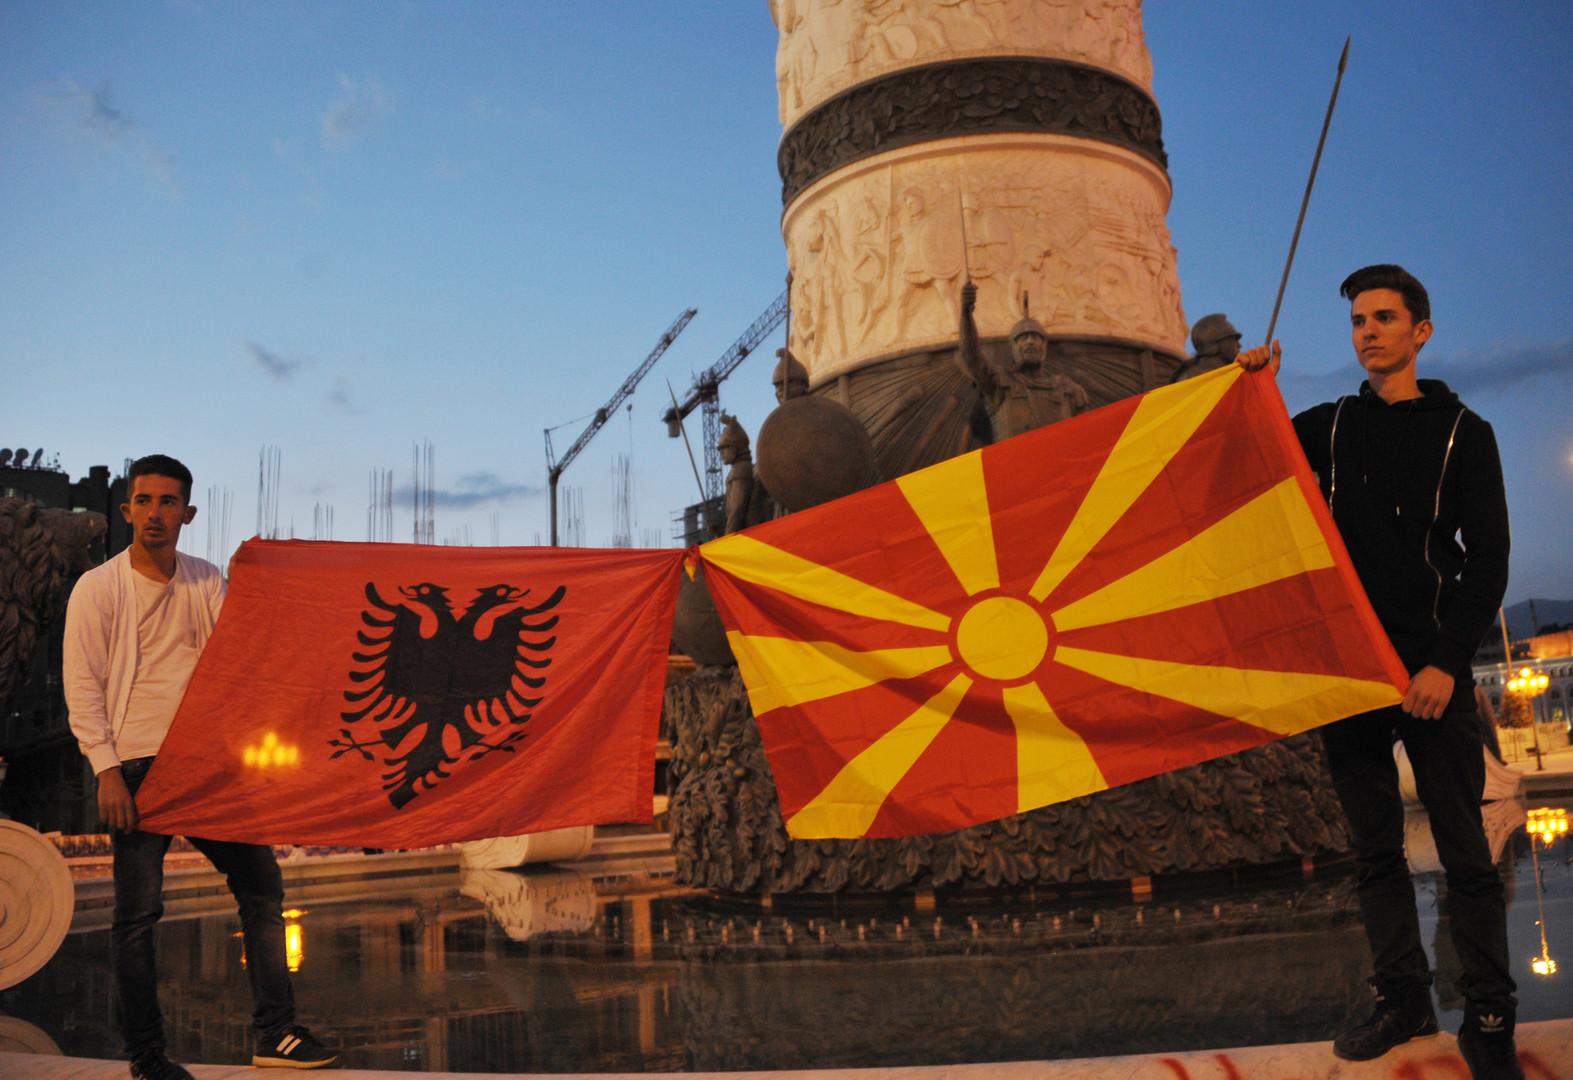 Stiftung verklagt US-Außenministerium wegen Finanzierung von Soros-Projekten in Mazedonien